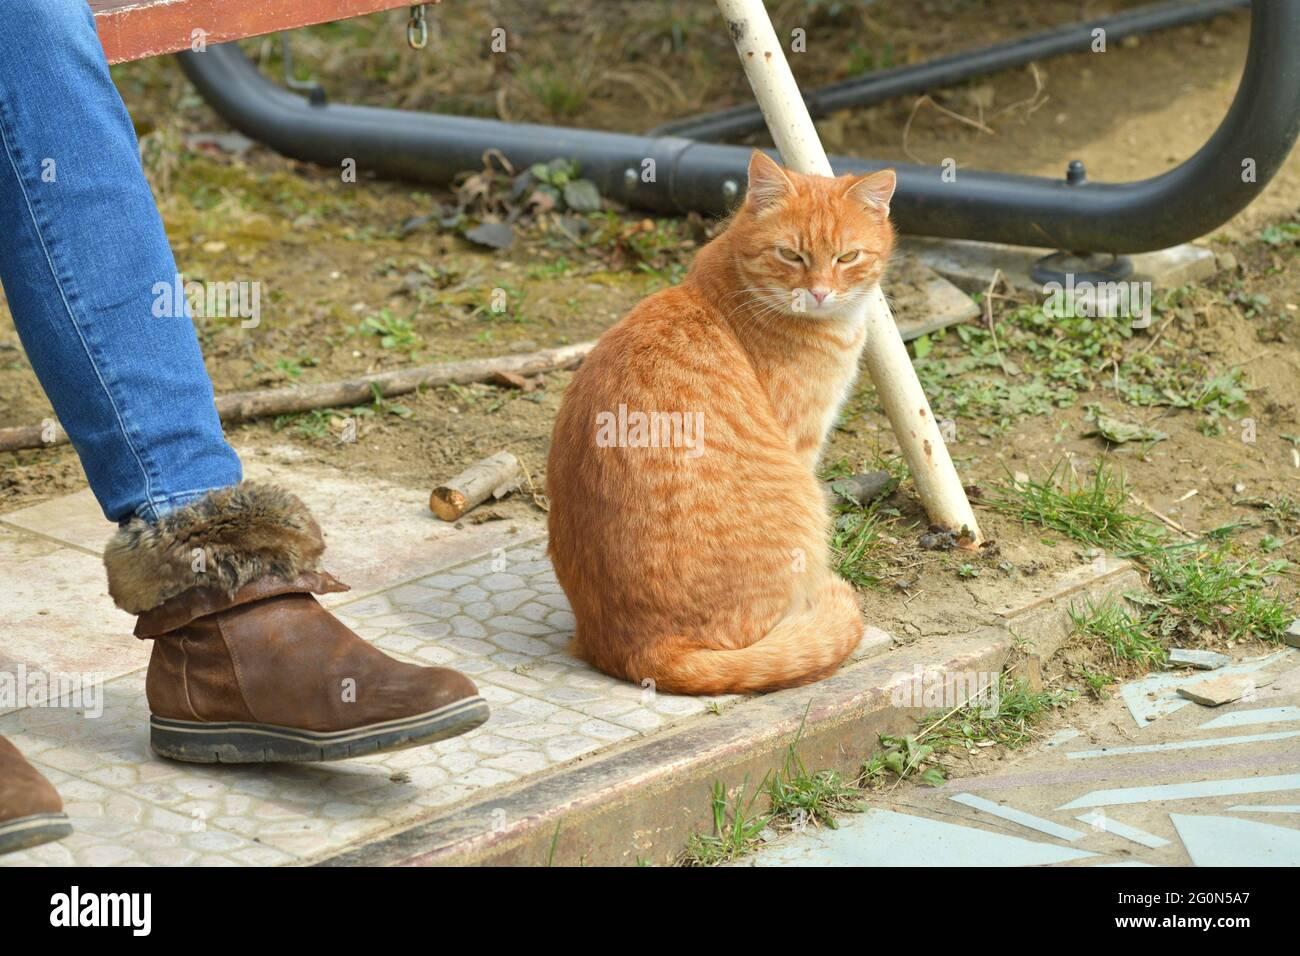 Gatos domésticos para acurrucarse a los humanos y dormir sobre sus rodillas Foto de stock